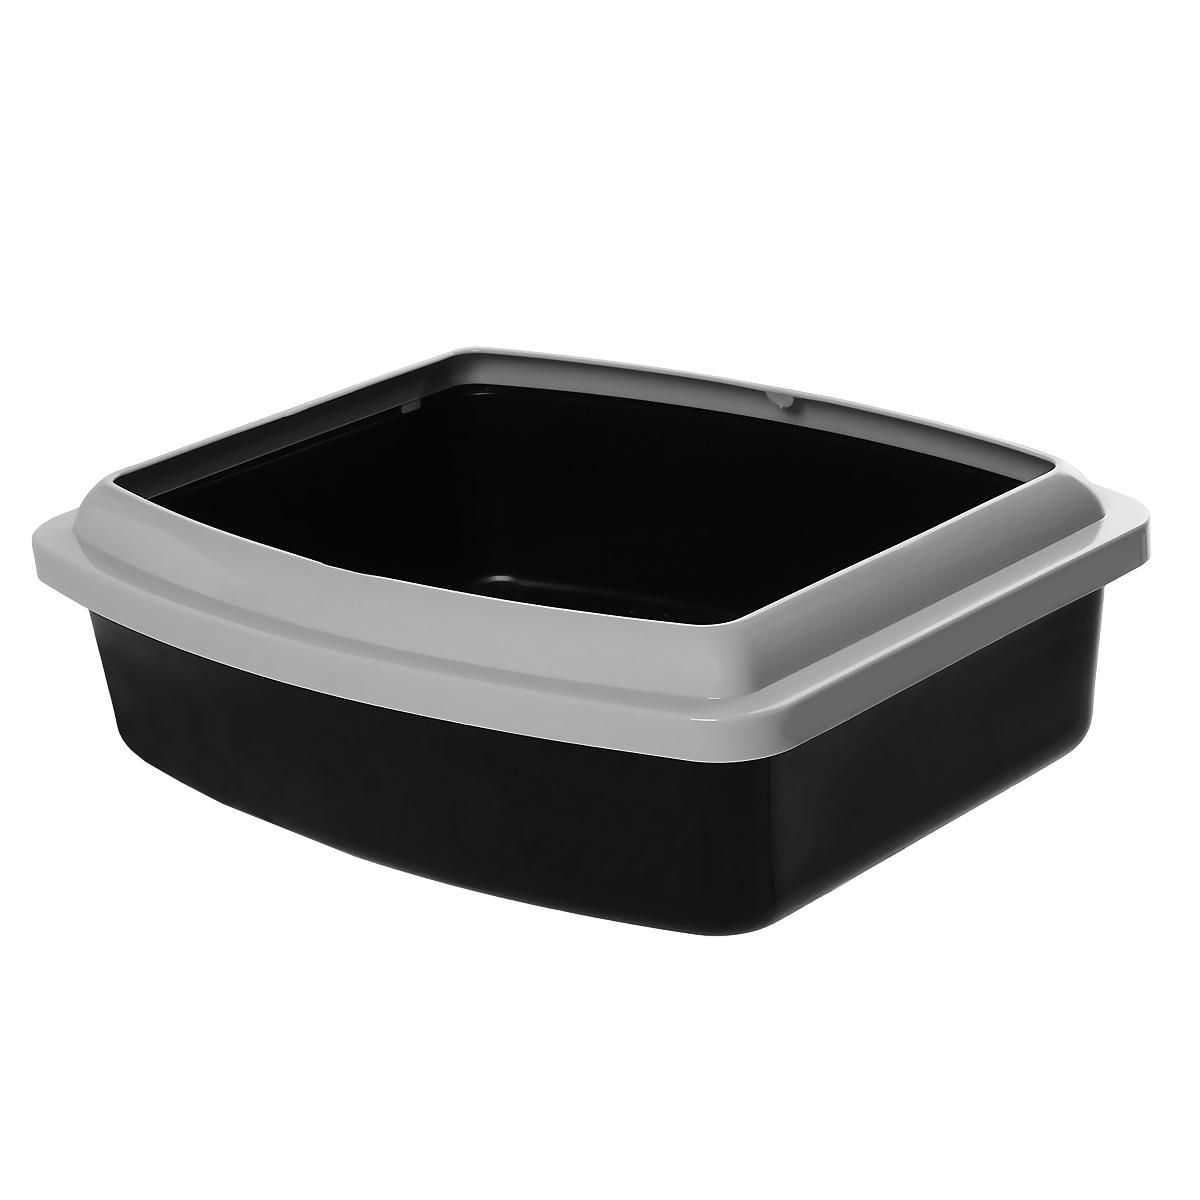 Туалет для кошек Savic Oval Trays, с бортом, цвет: черный, 48 х 39 см0120710Туалет для кошек Savic Oval Trays изготовлен из качественного прочного пластика. Высокий цветной борт, прикрепленный по периметру лотка, удобно защелкивается и предотвращает разбрасывание наполнителя.